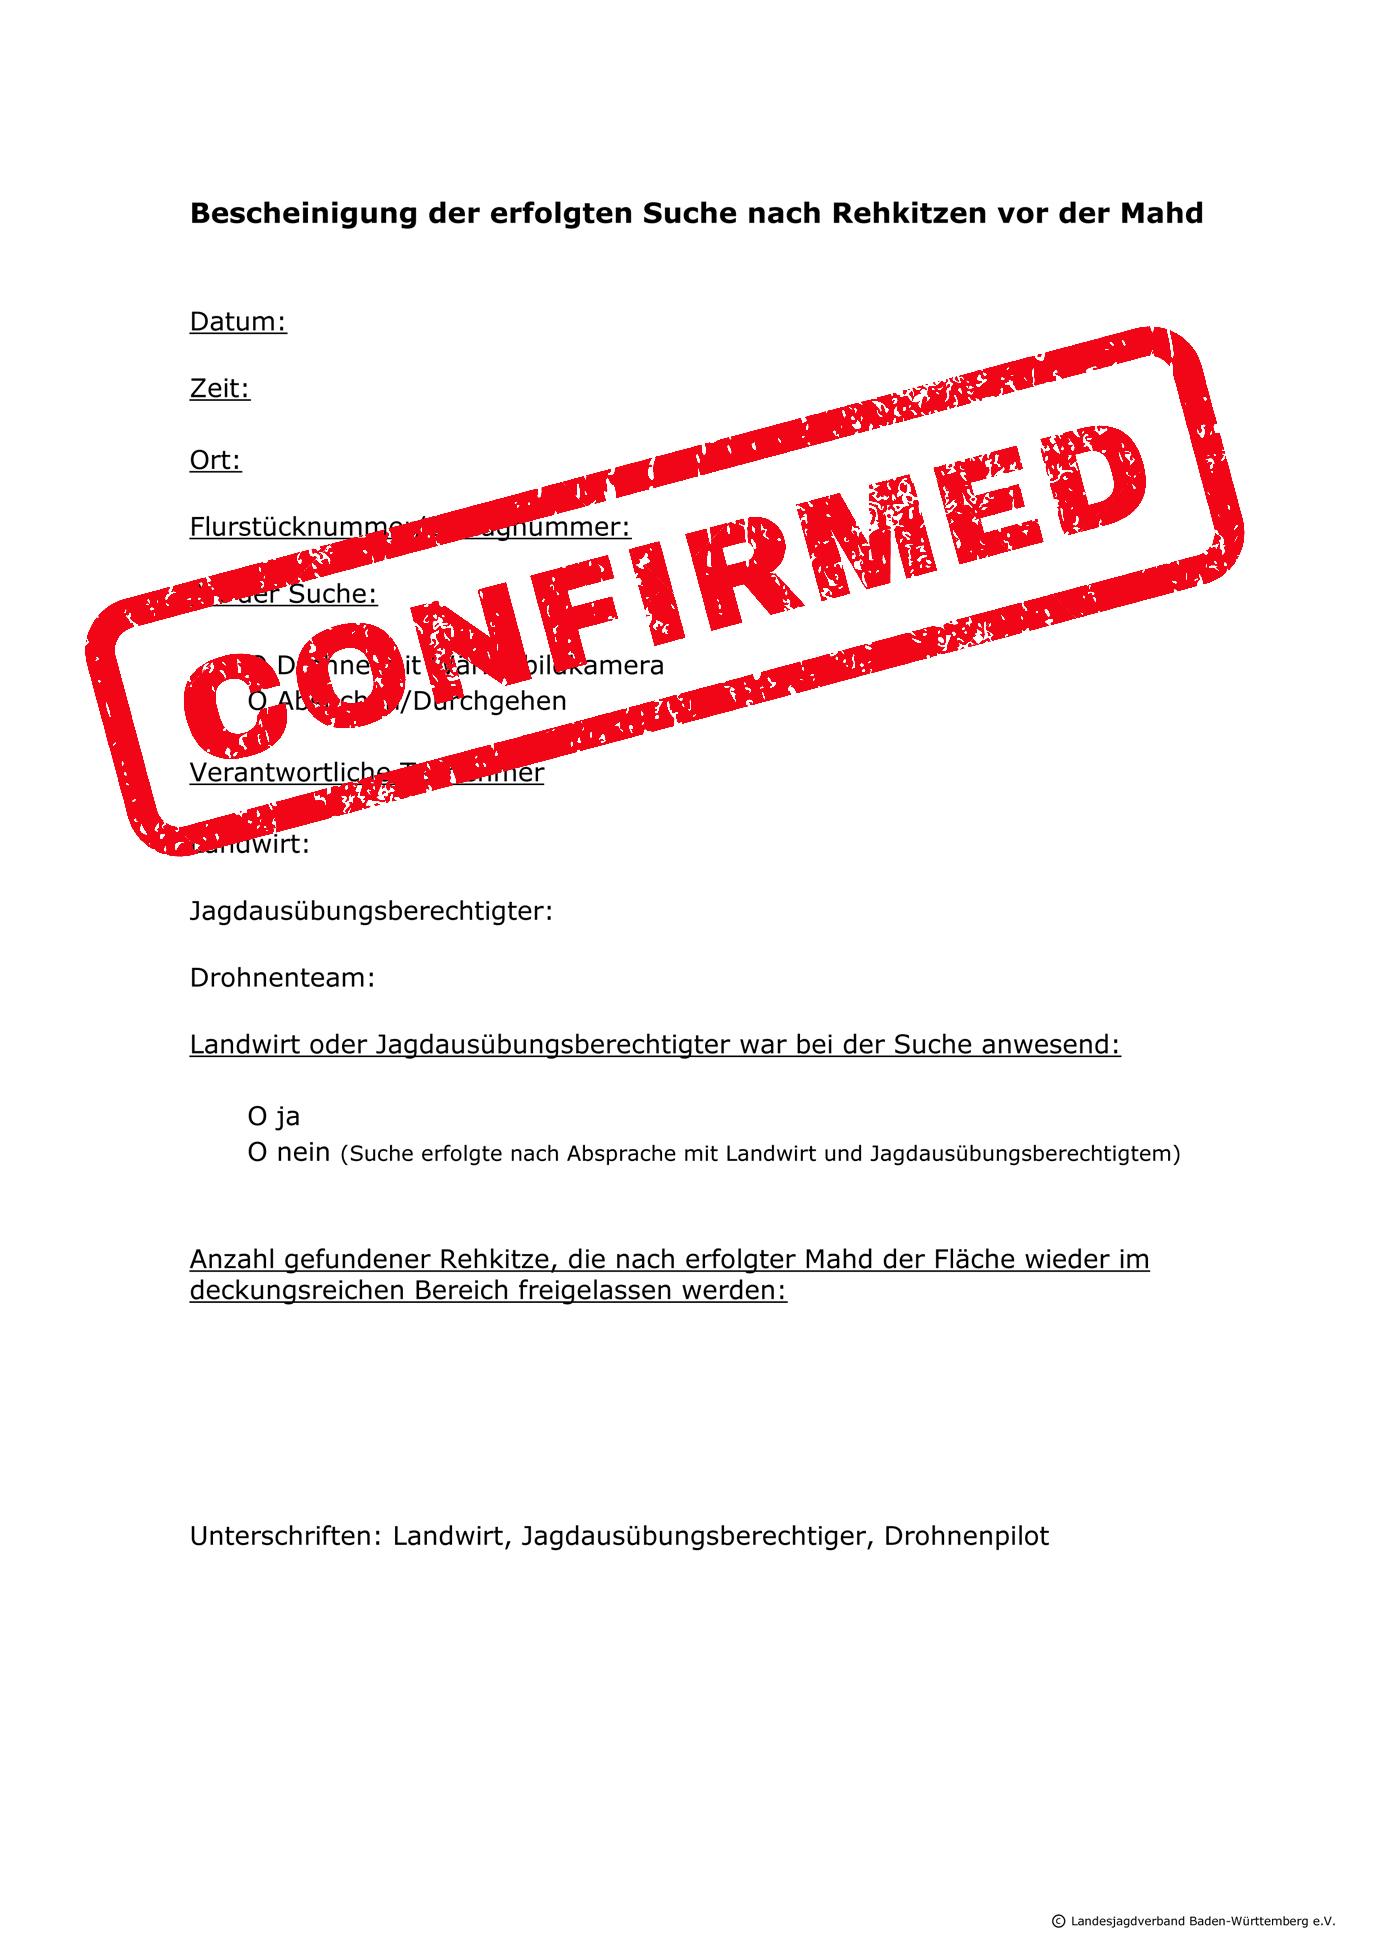 Microsoft Word – Bescheinigung der erfolgten Suche nach Rehkitze